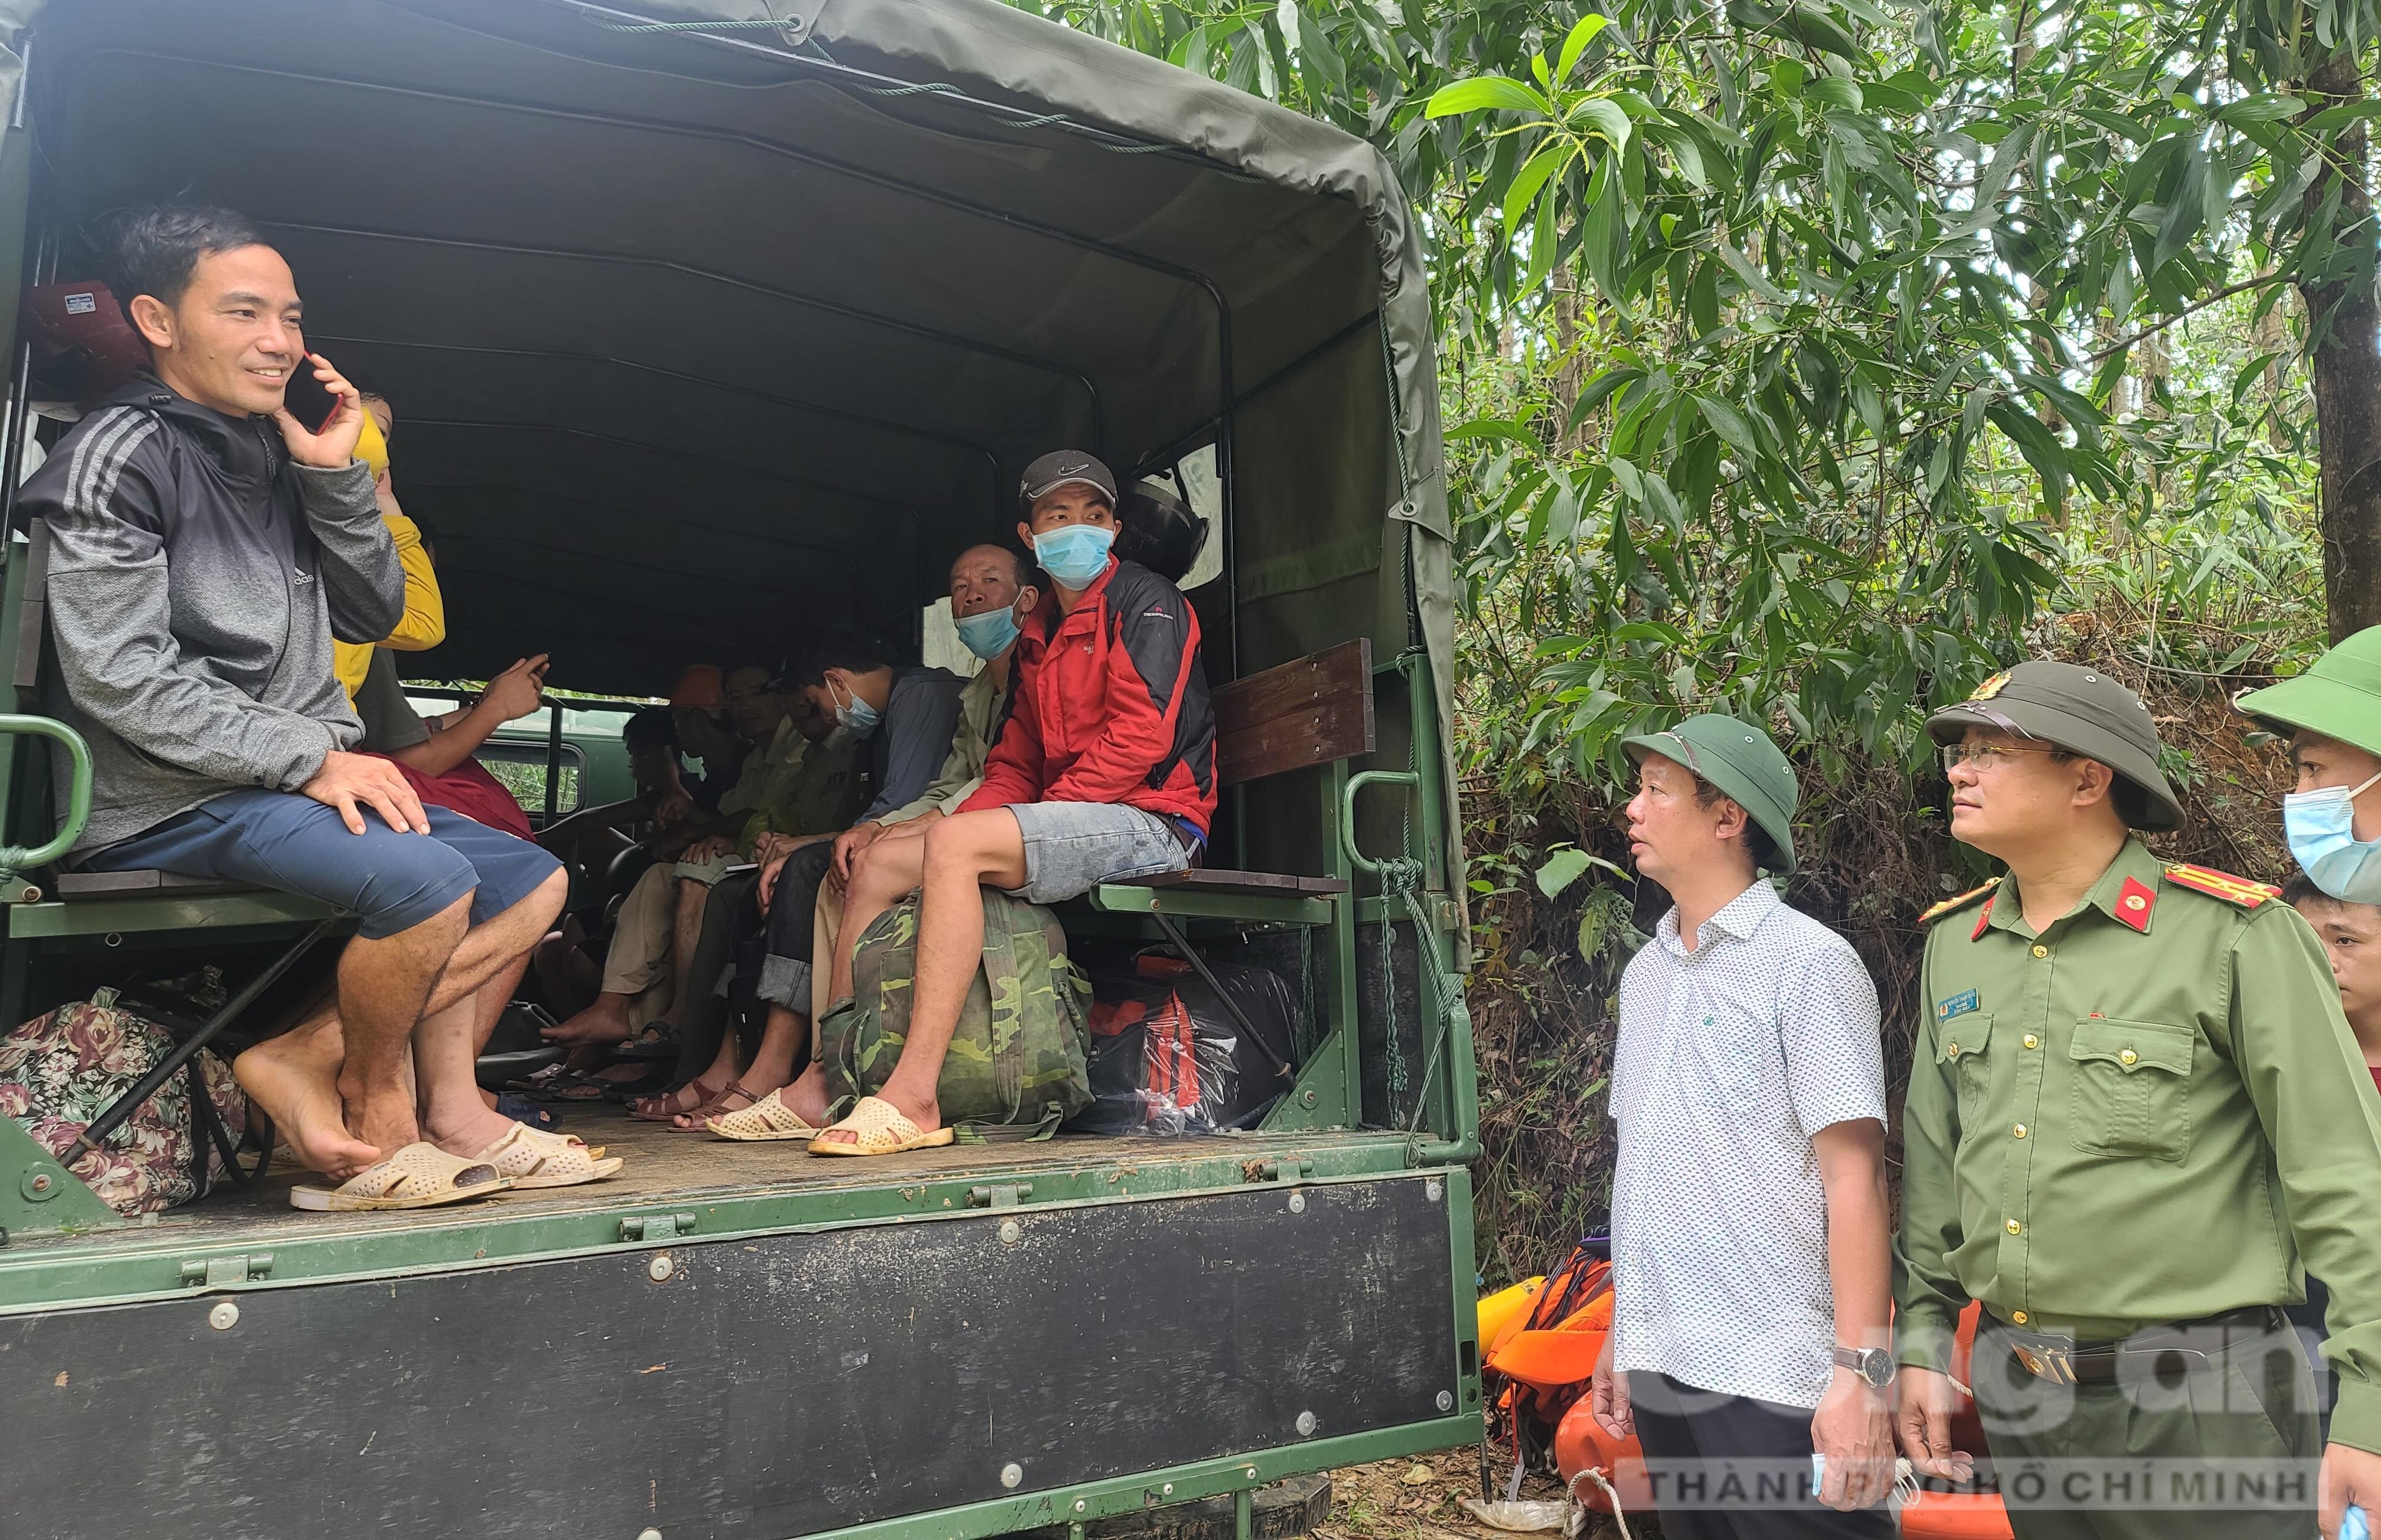 Ông Phan Thiên Định - Phó Chủ tịch UBND tỉnh Thừa Thiên – Huế và Thượng tá Nguyễn Thanh Tuấn – Giám đốc Công an tỉnh Thừa Thiên – Huế động viên, thăm hỏi 19 người vừa được cứu hộ an toàn